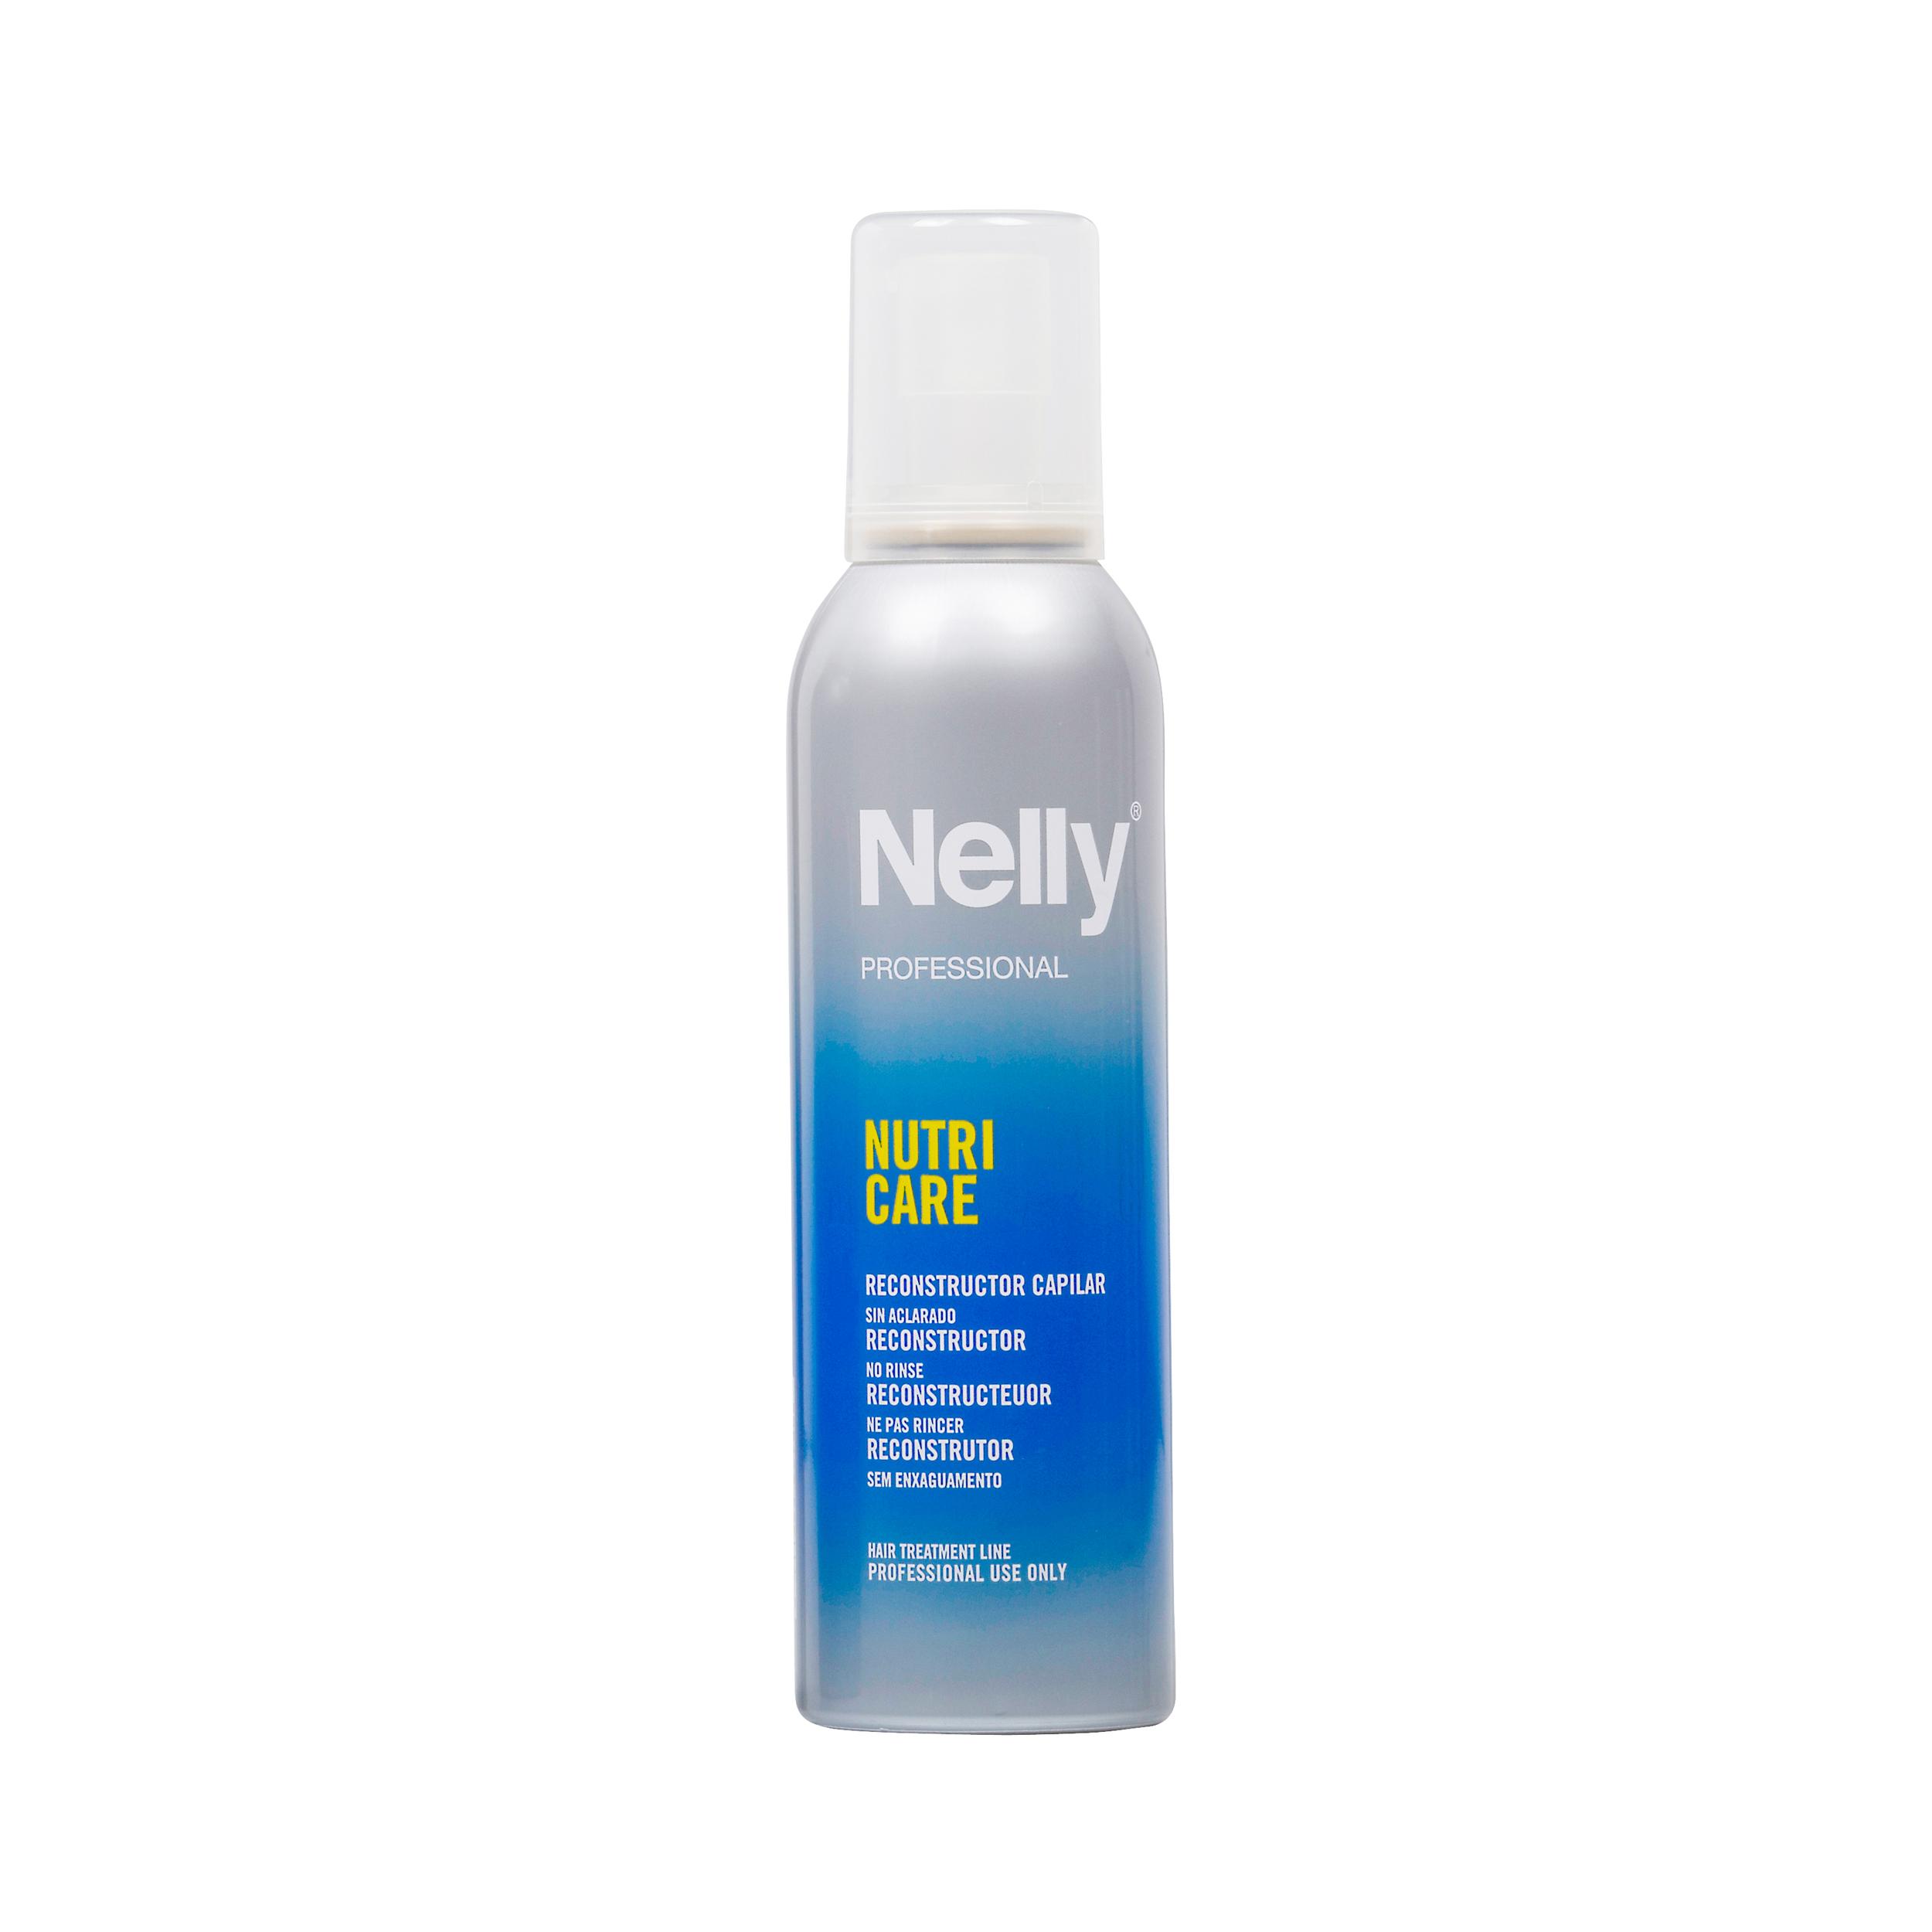 قیمت کرم احیا کننده و ترمیم کننده موی نلی مدل Nutri Care حجم 200 میلیلیتر